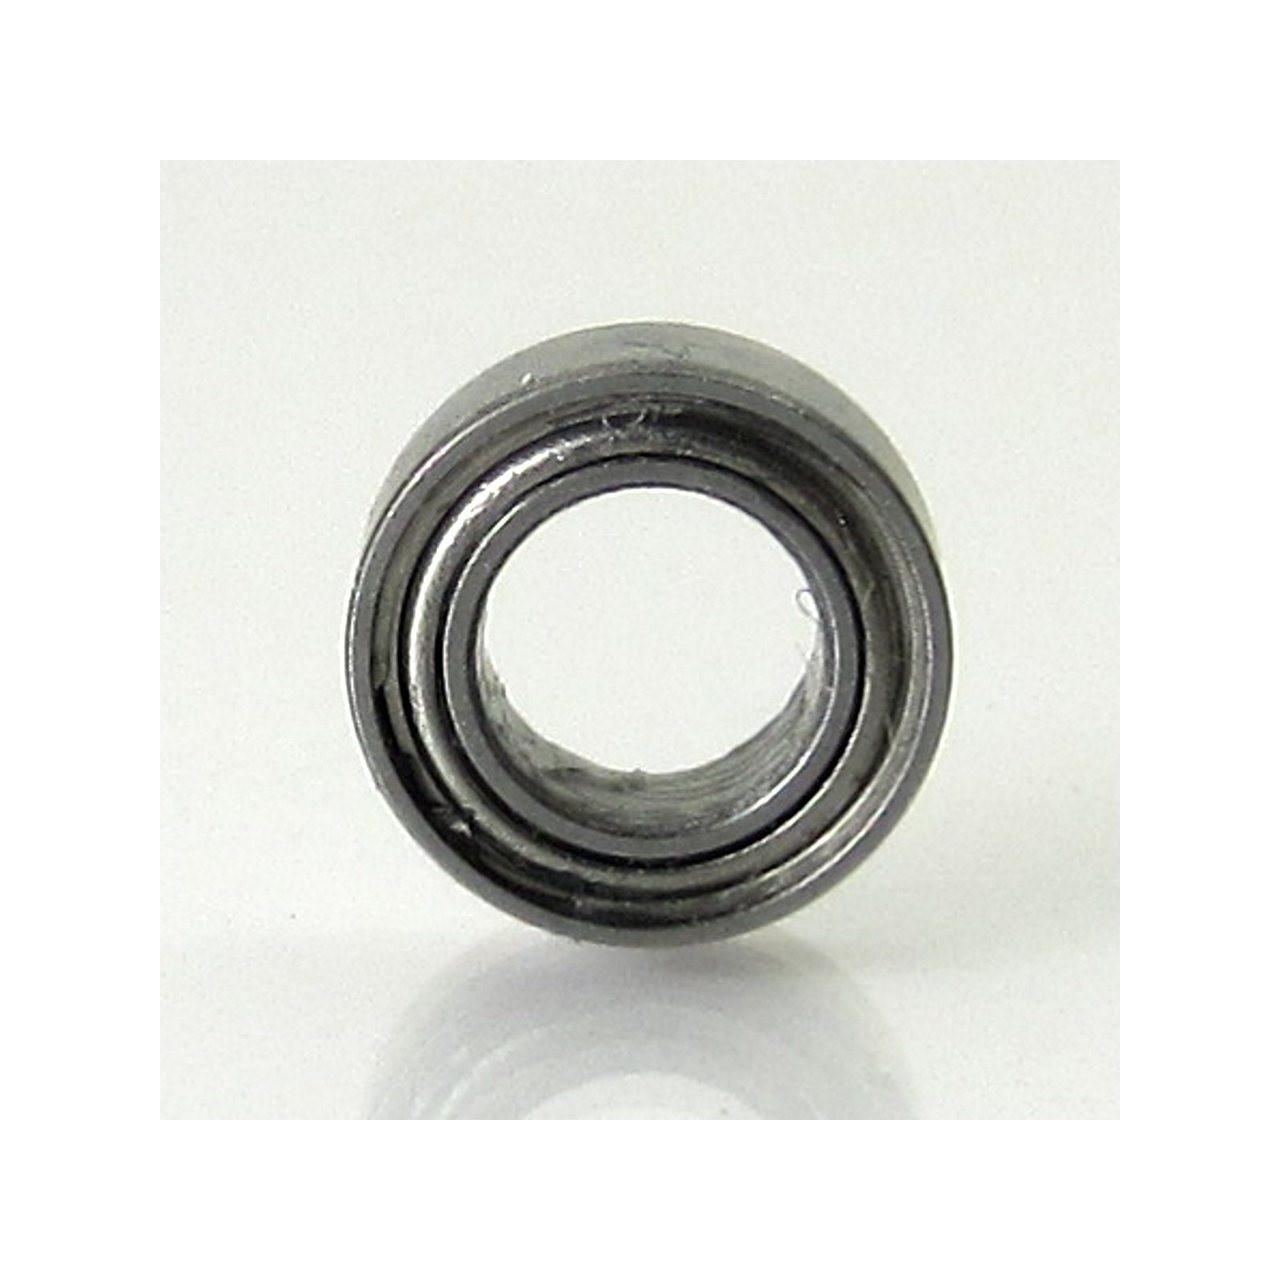 4x10x4mm Stainless Hybrid Ceramic Brushless Motor Ball Bearing